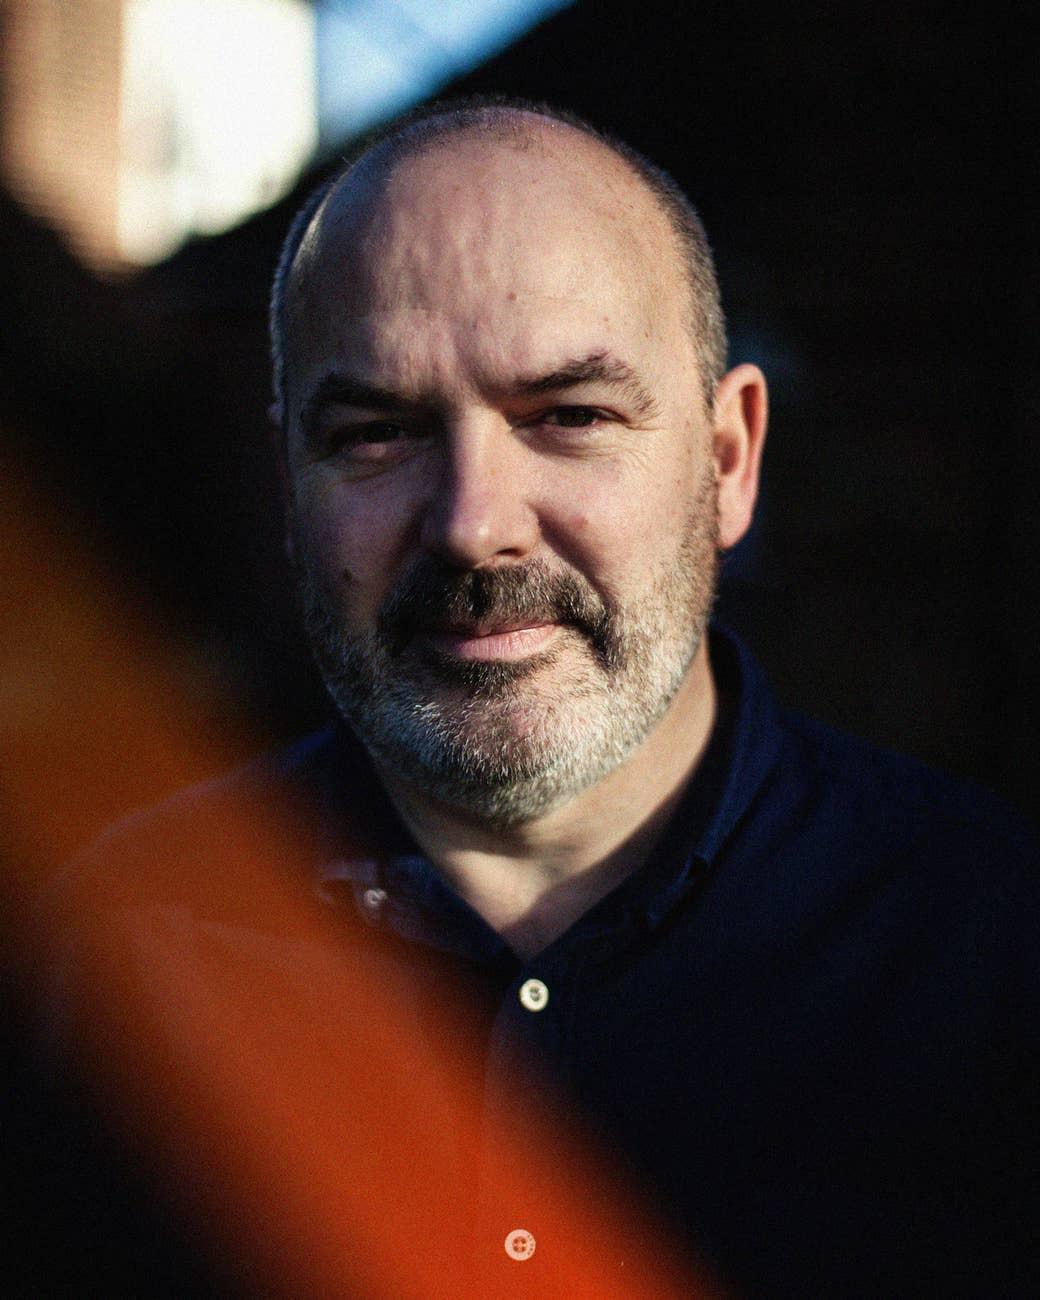 Matt O'Neil